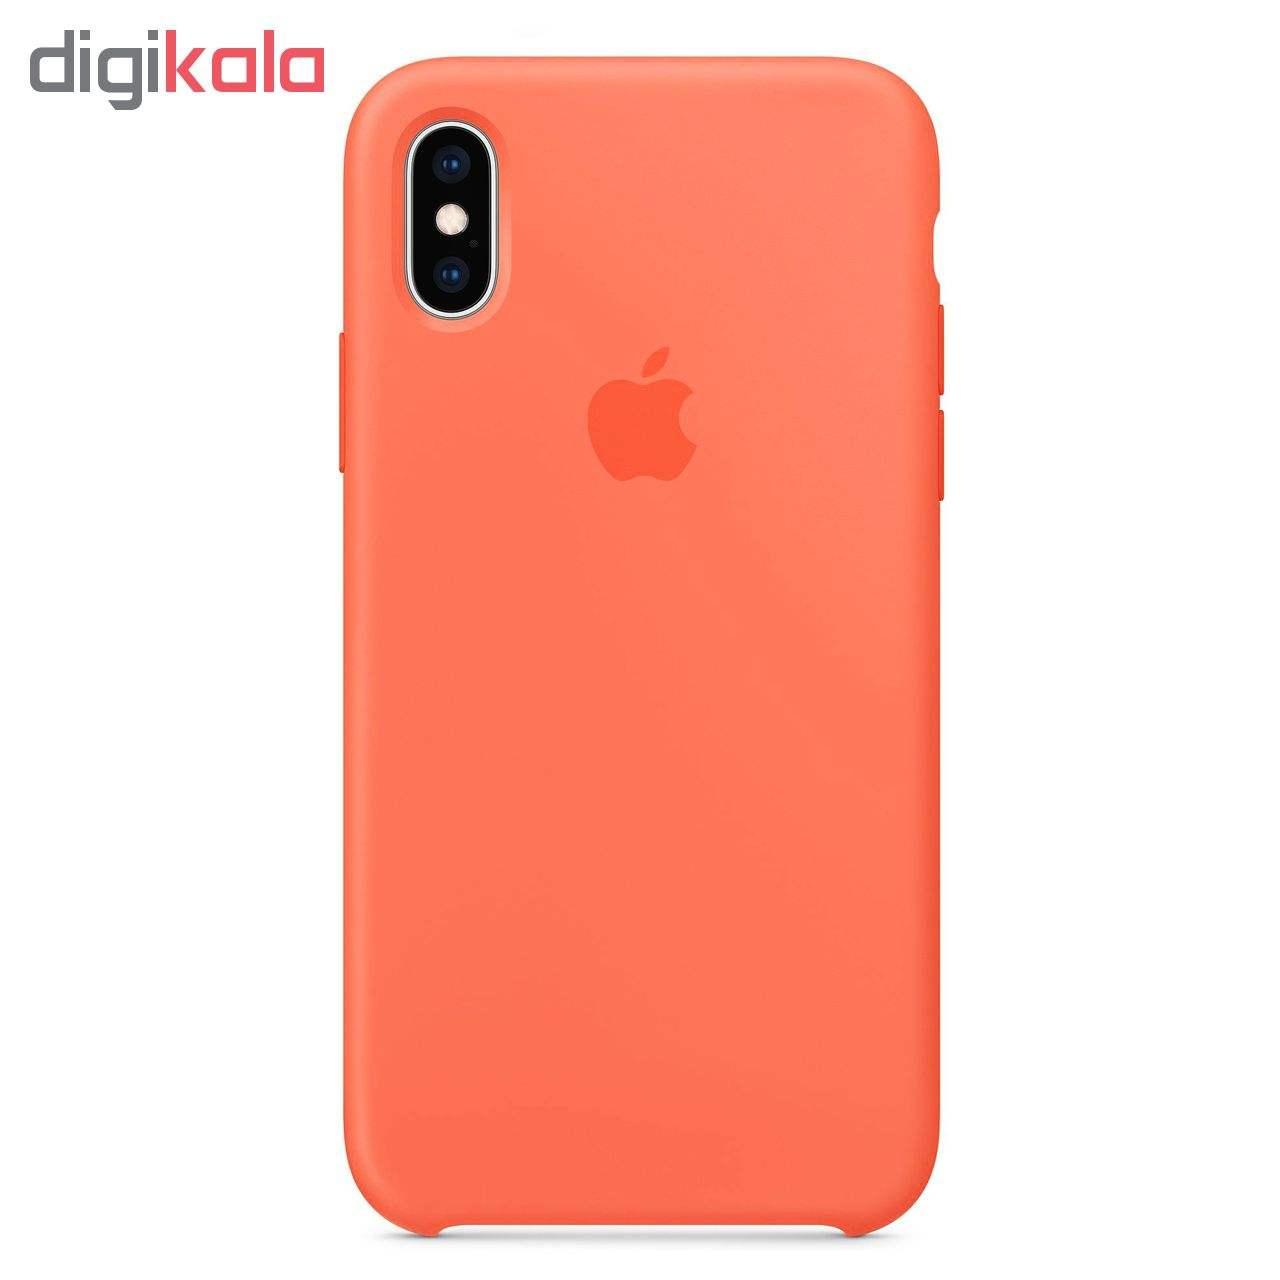 کاور مدل sili003 مناسب برای گوشی موبایل اپل Iphone X / XS main 1 6